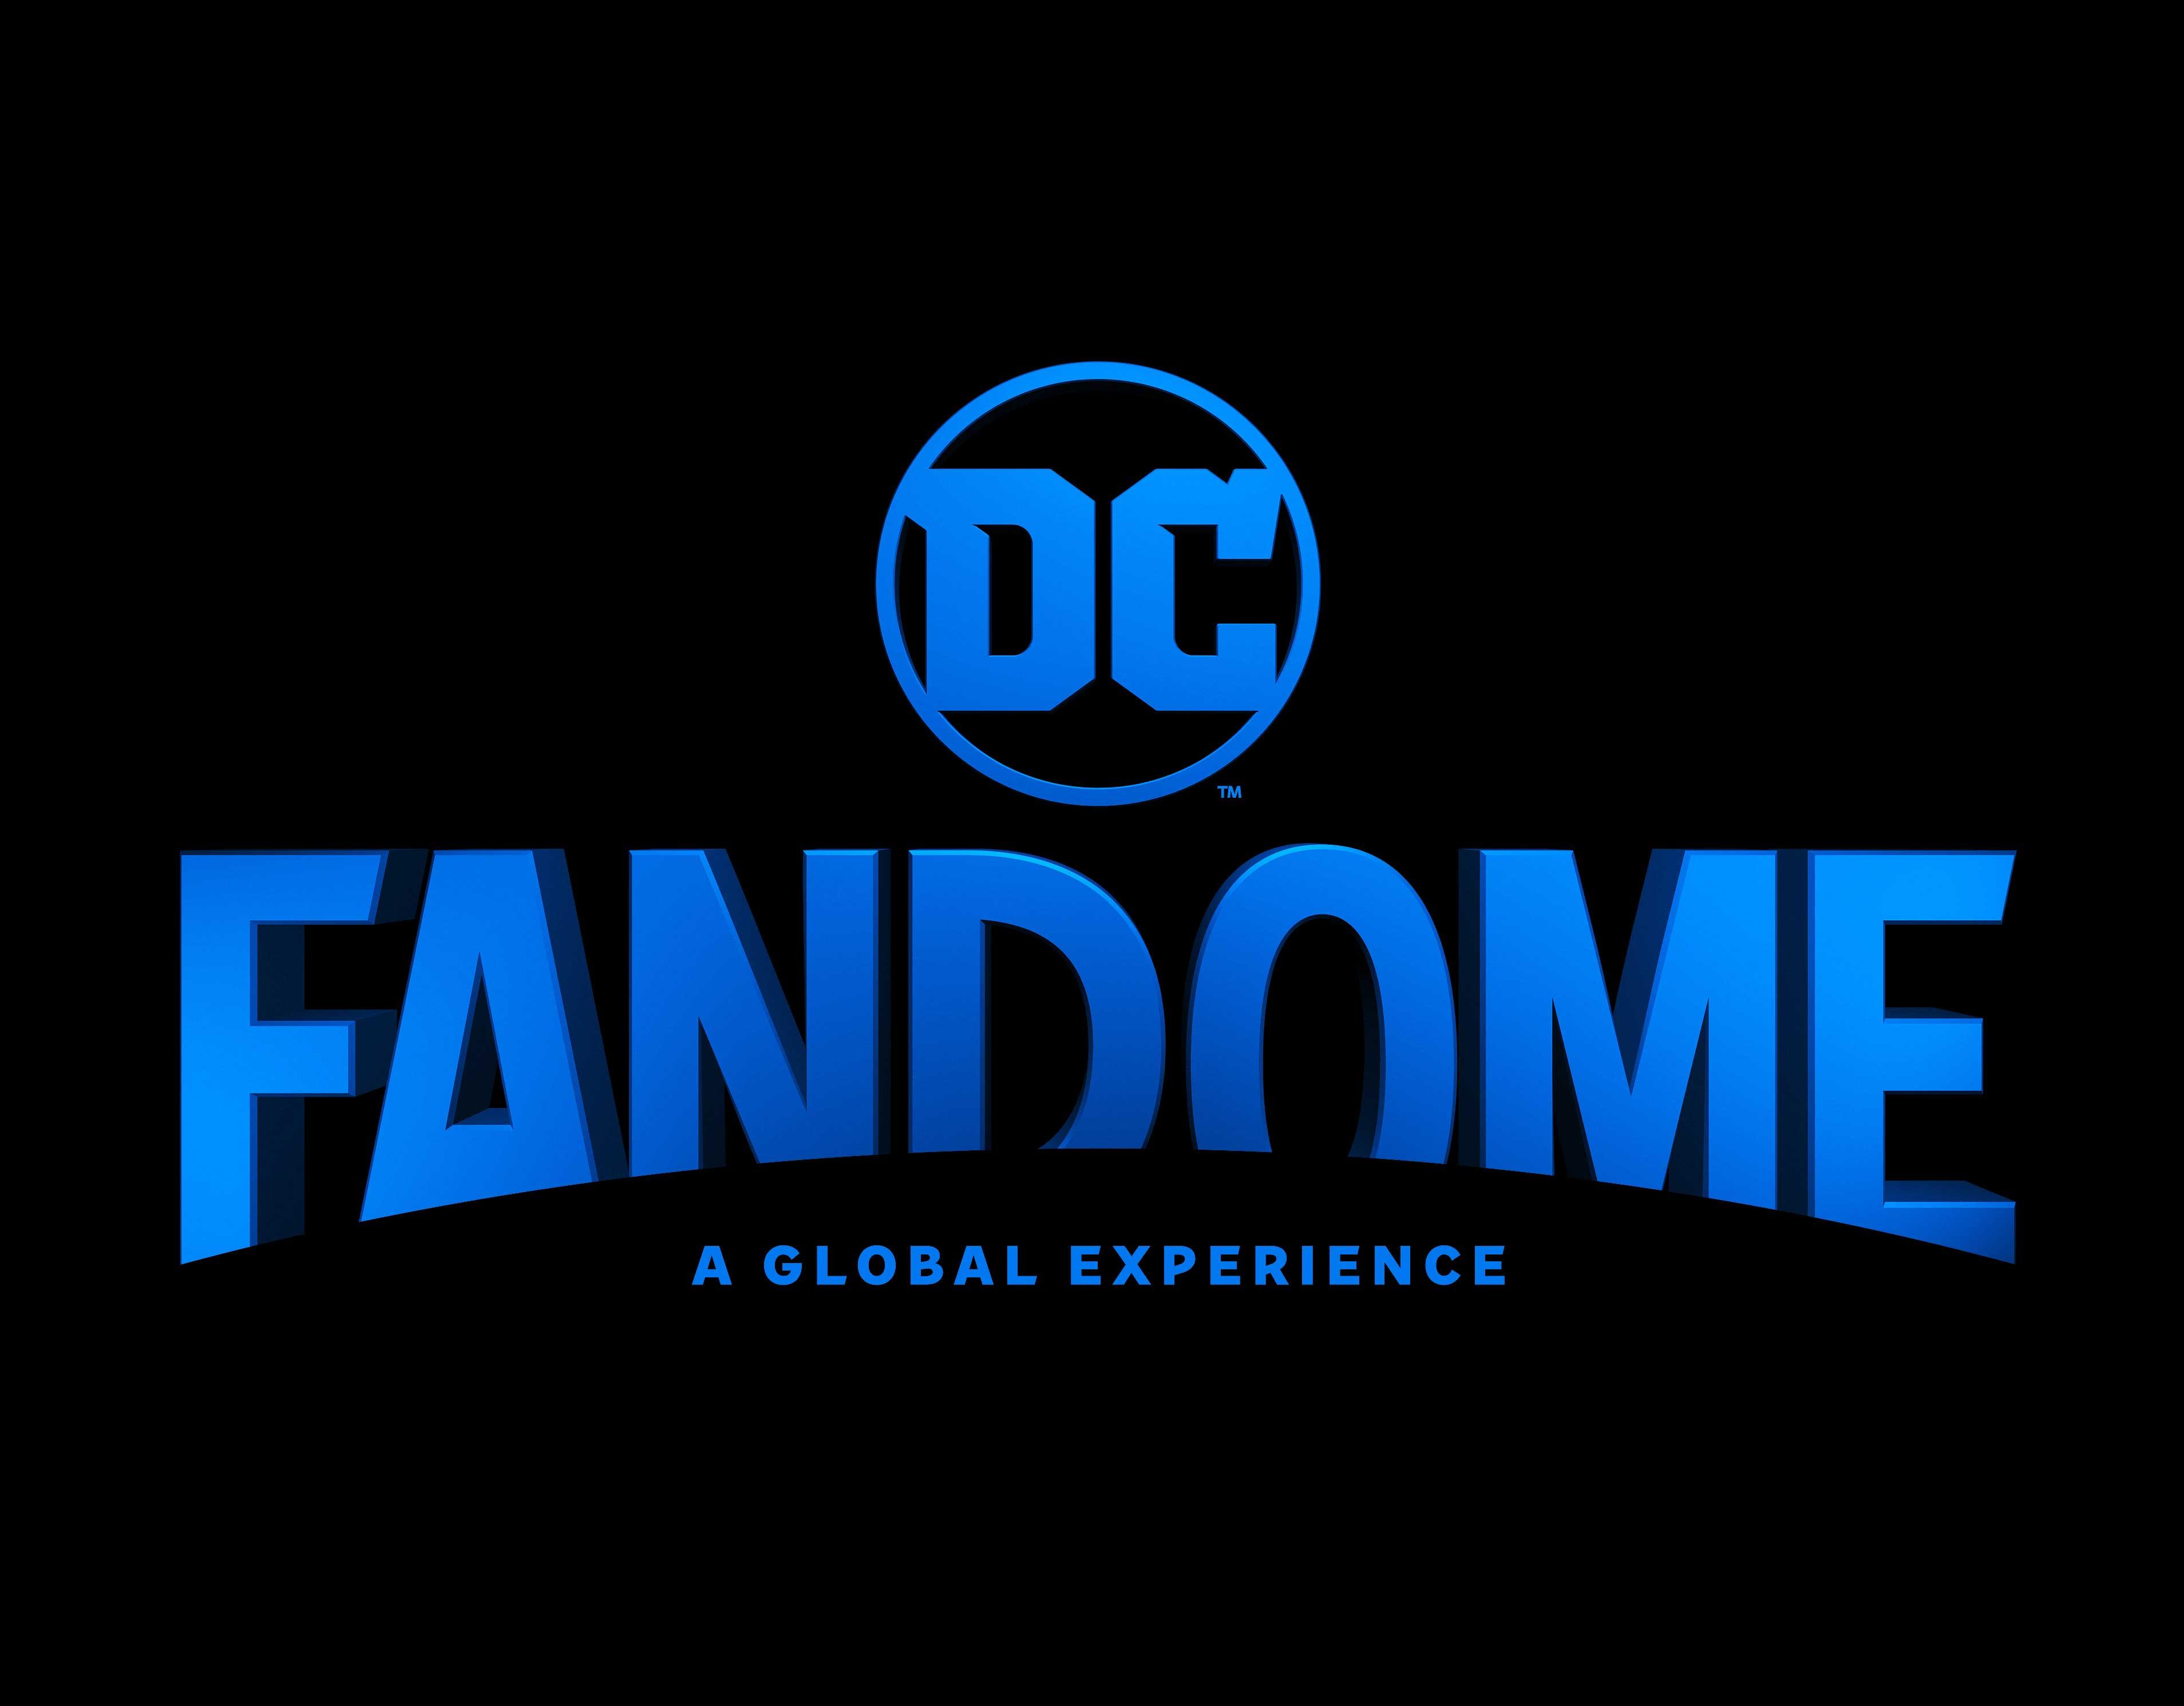 DC FANDOME: A MEGA ONLINE FAN EVENT AUGUST 22nd!